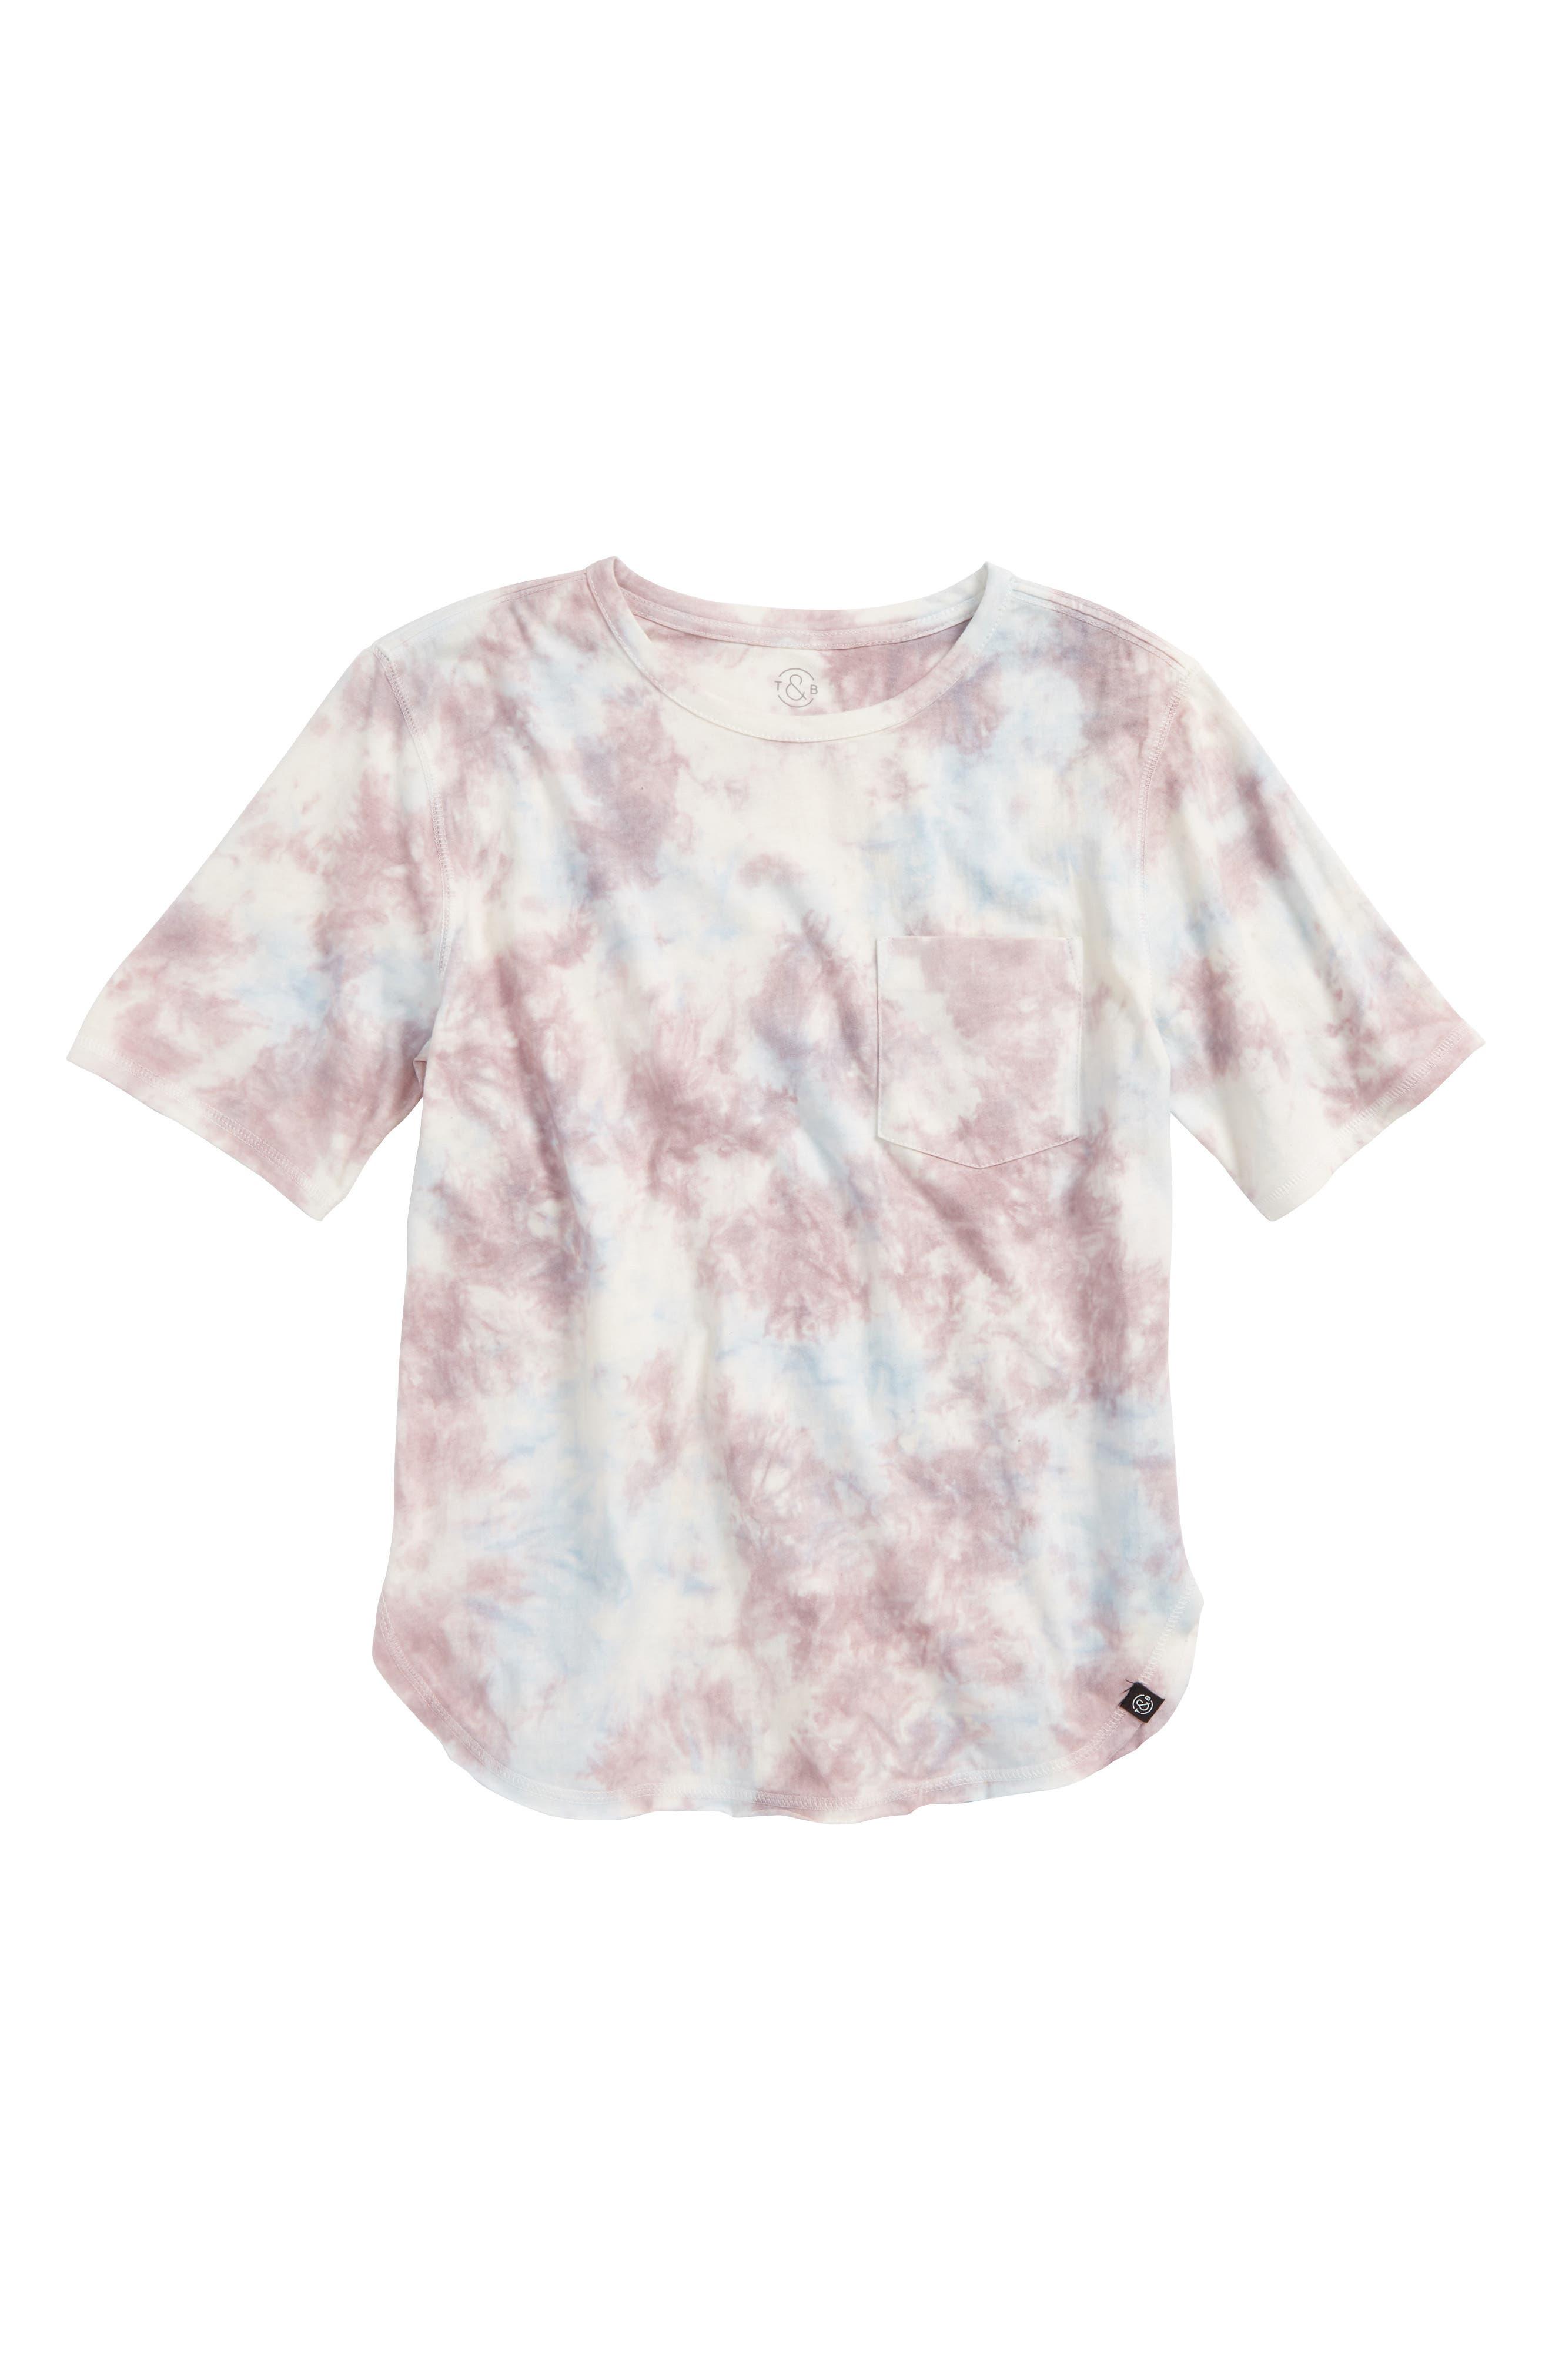 Tie Dye T-Shirt,                         Main,                         color, Ivory Multi Tie Dye